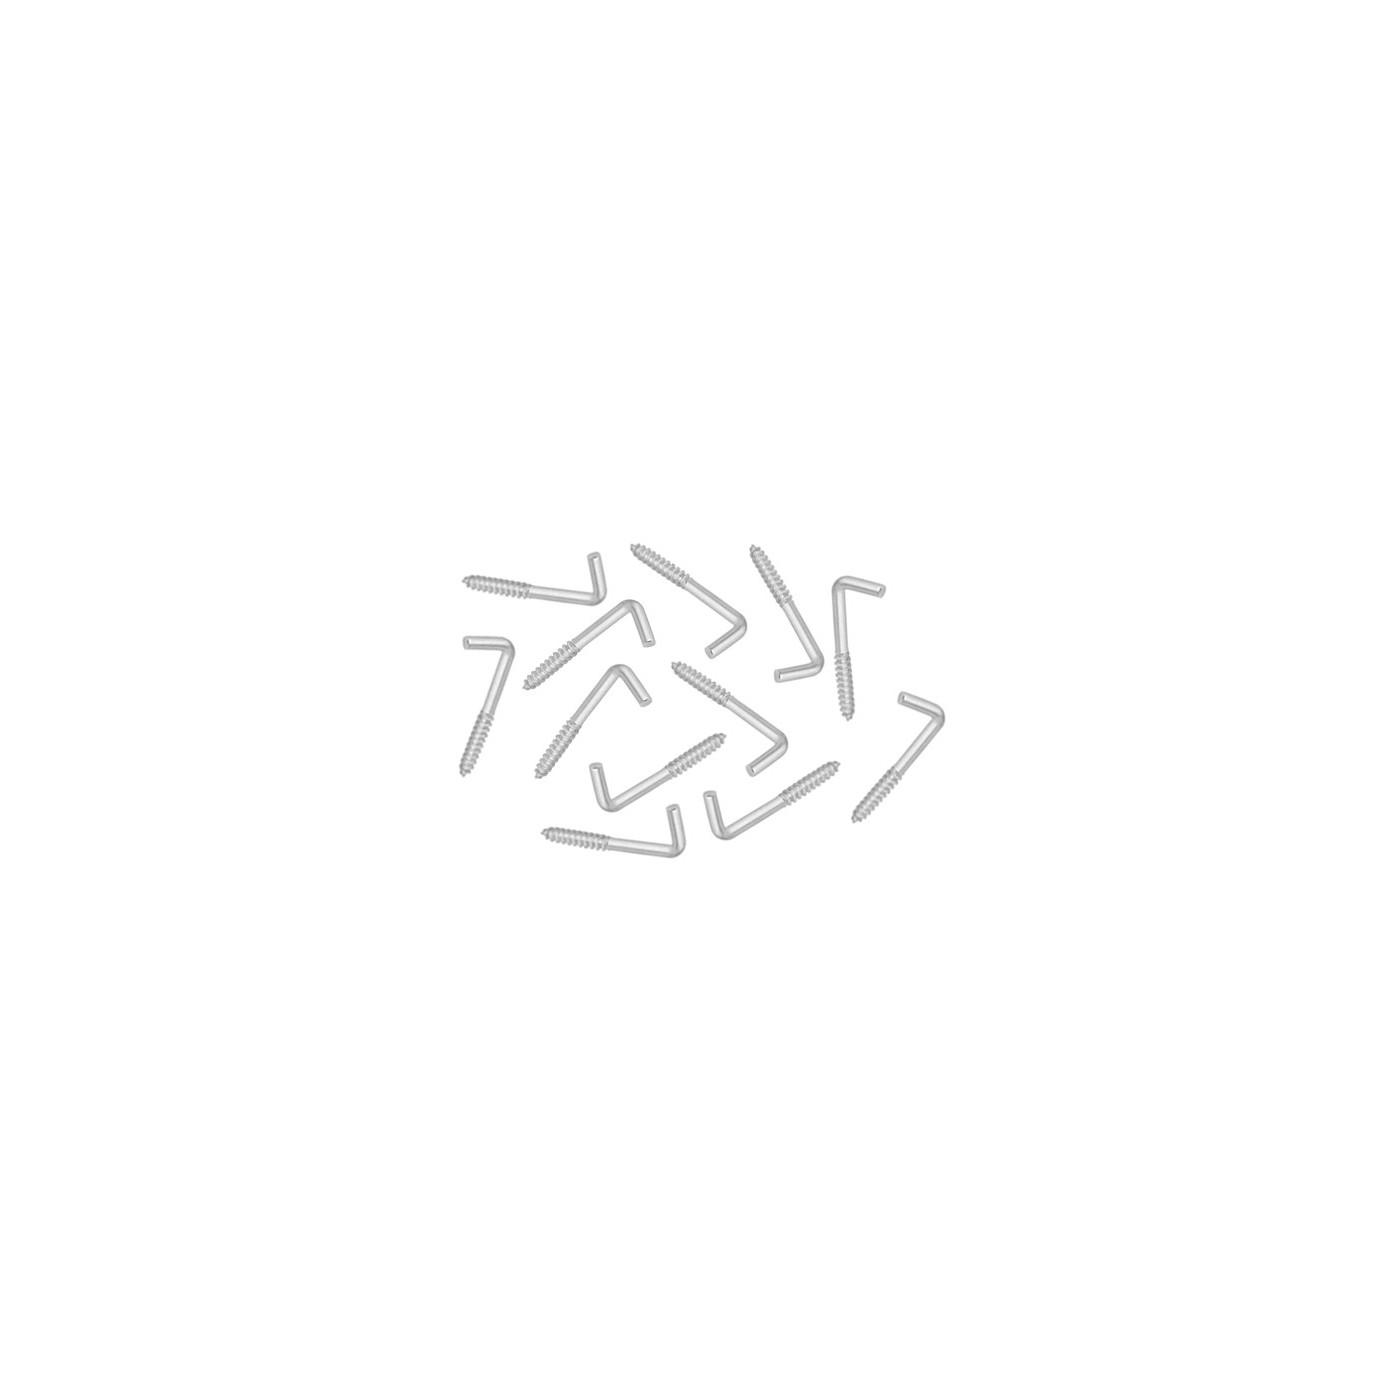 Set van 96 metalen schroefhaakjes (3 cm lengte, schroefduim)